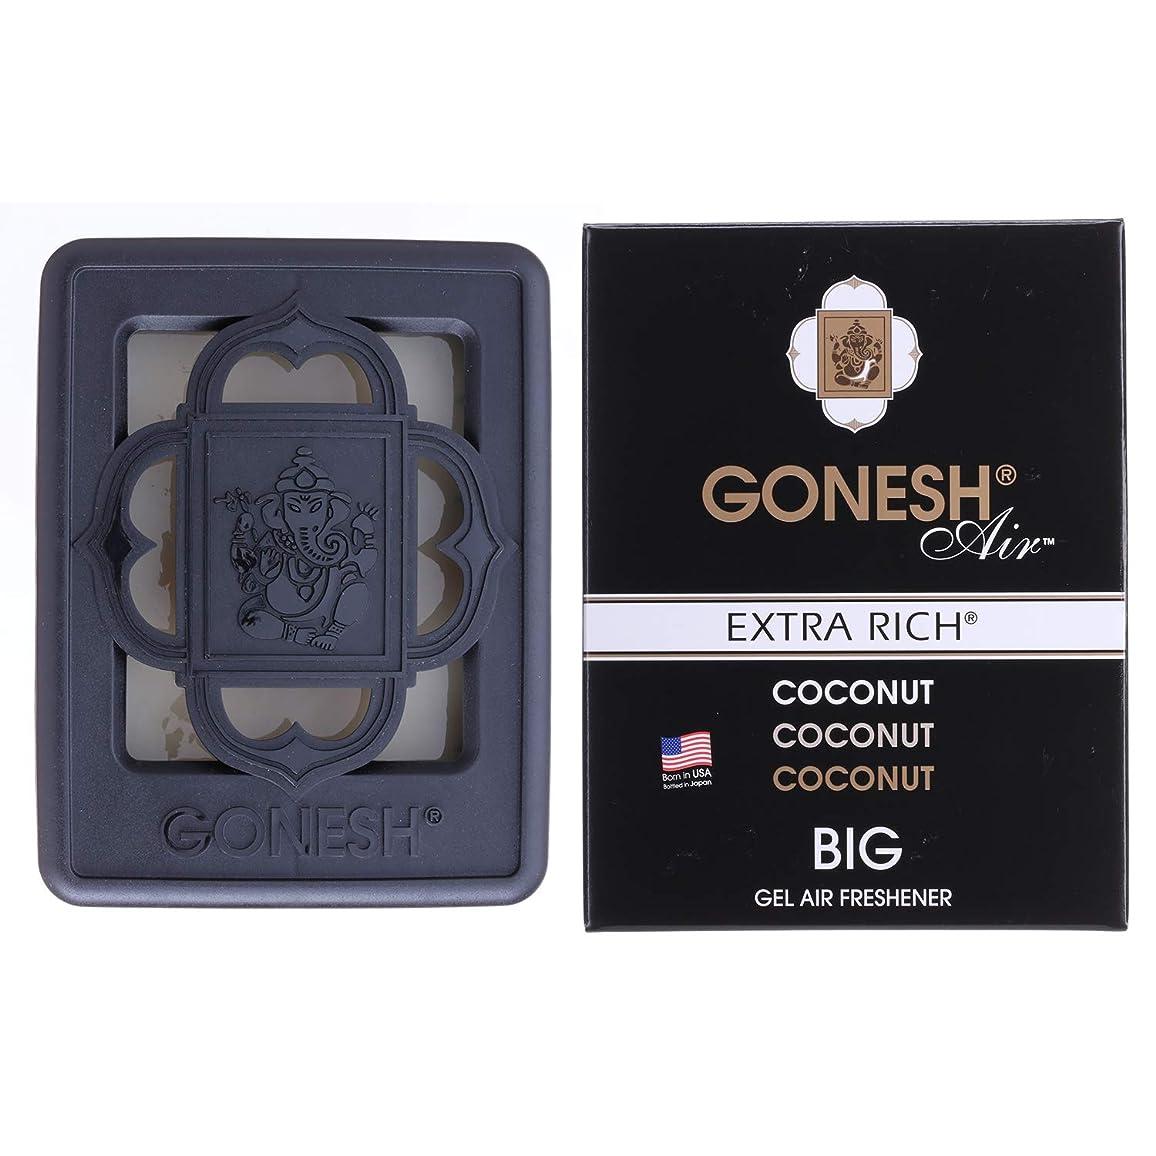 シーズン服爆風GONESH(ガーネッシュ)ビッグゲルエアフレッシュナー ココナッツ(ココナッツの香り)